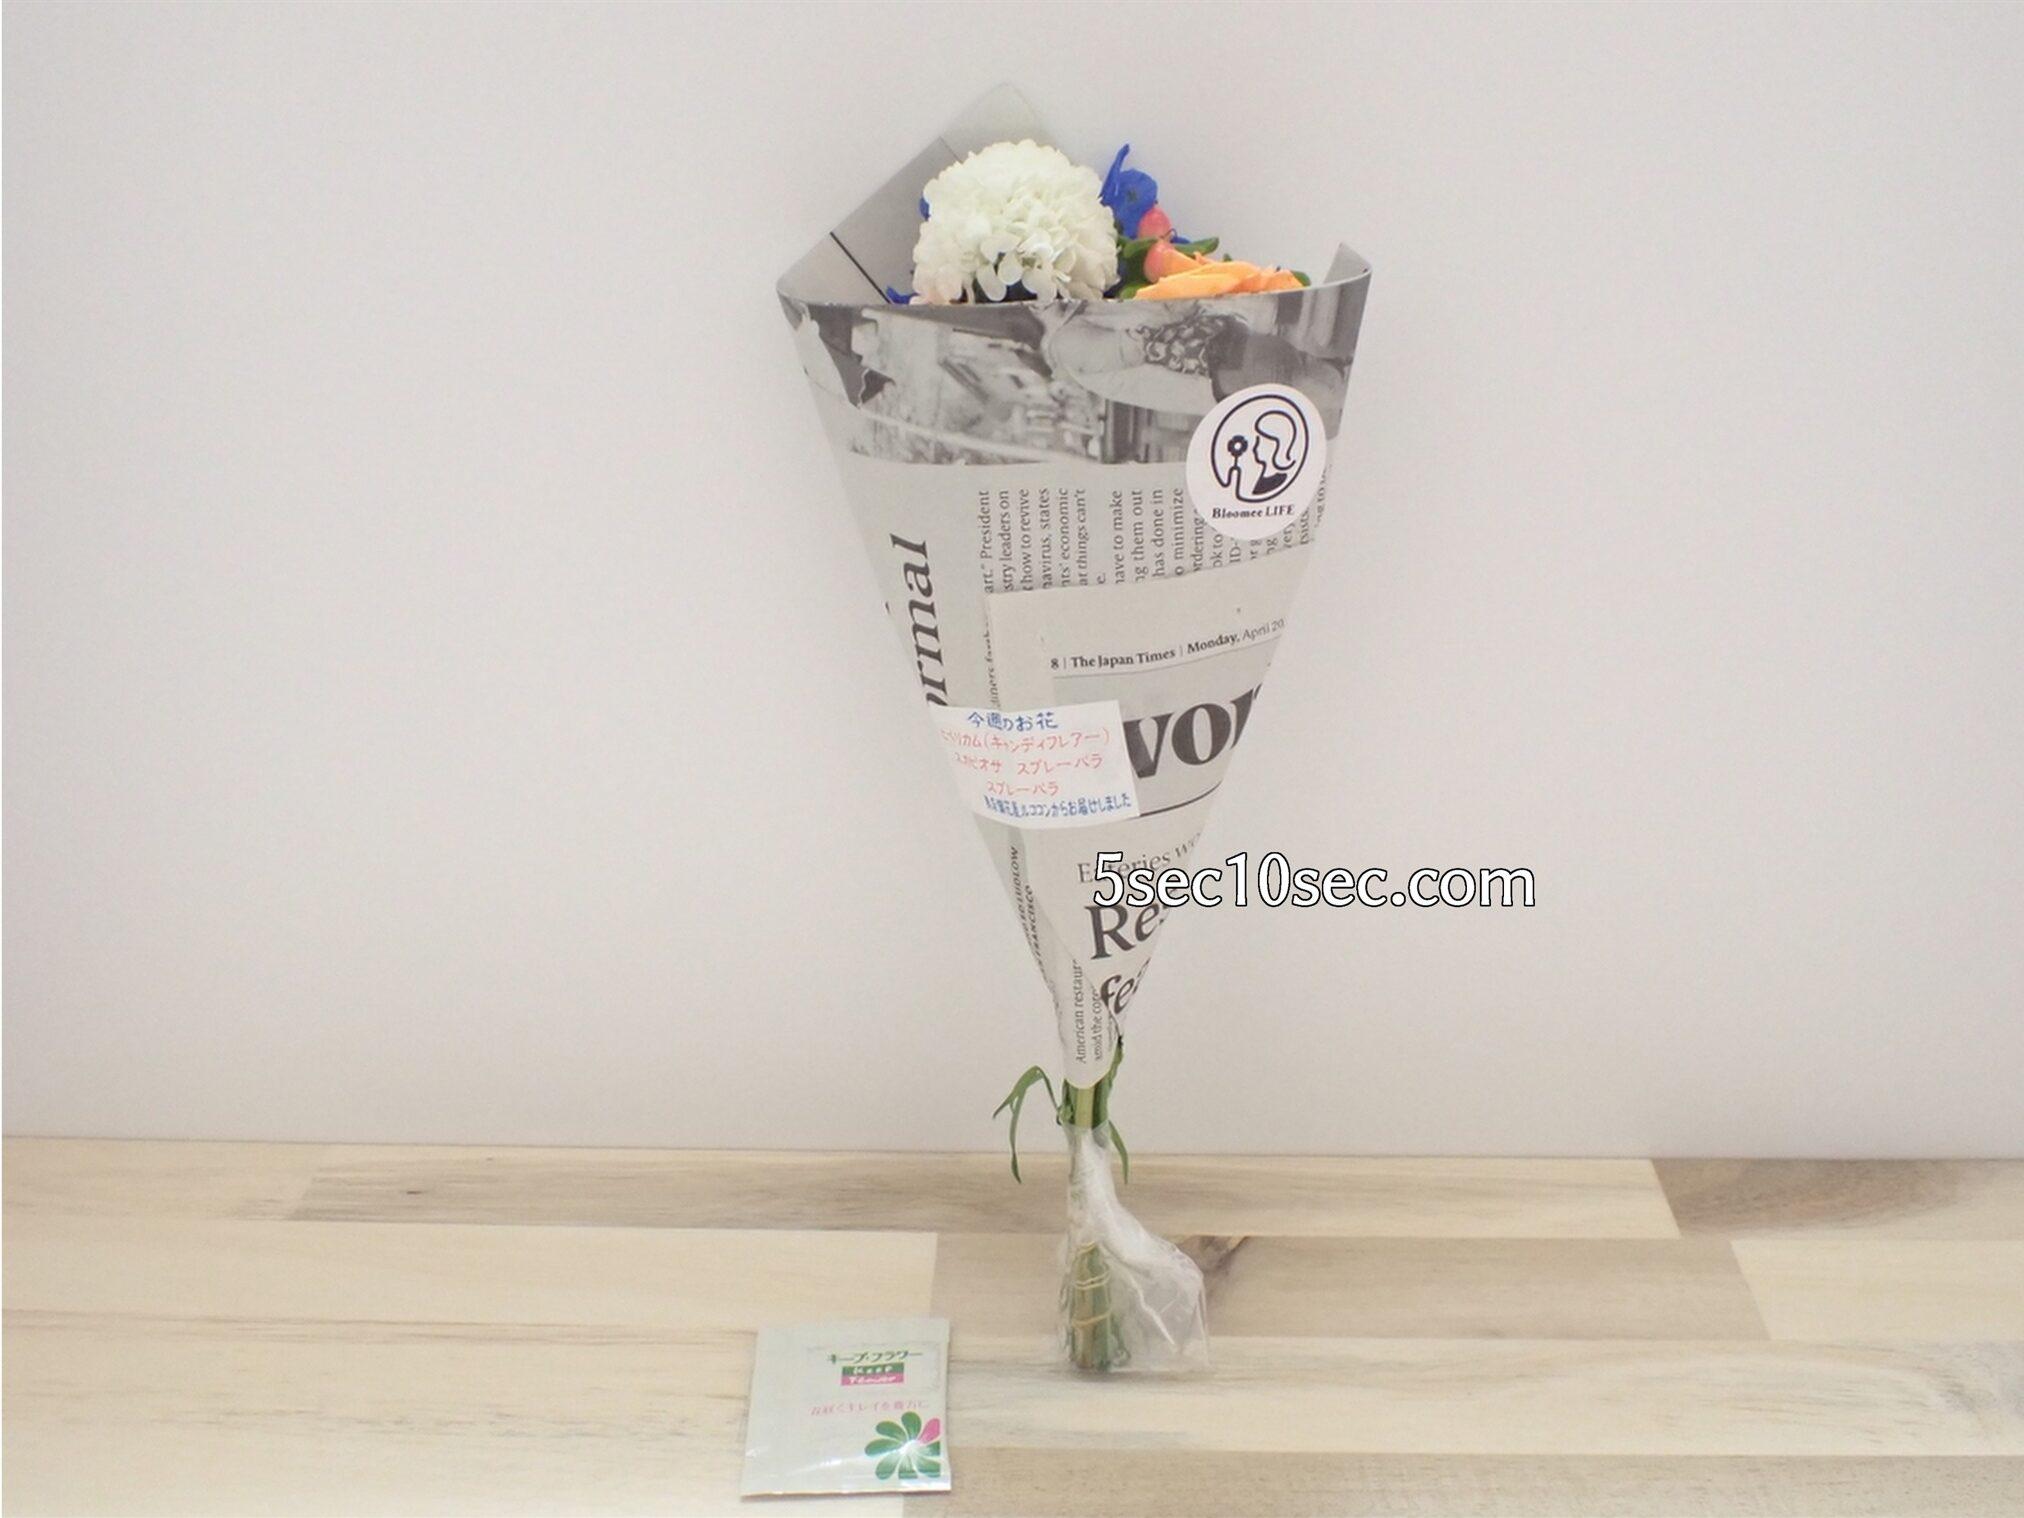 Bloomee LIFE(ブルーミーライフ)レギュラープランのお花 英字新聞に包んで送っていただきました、お花の栄養剤つきです